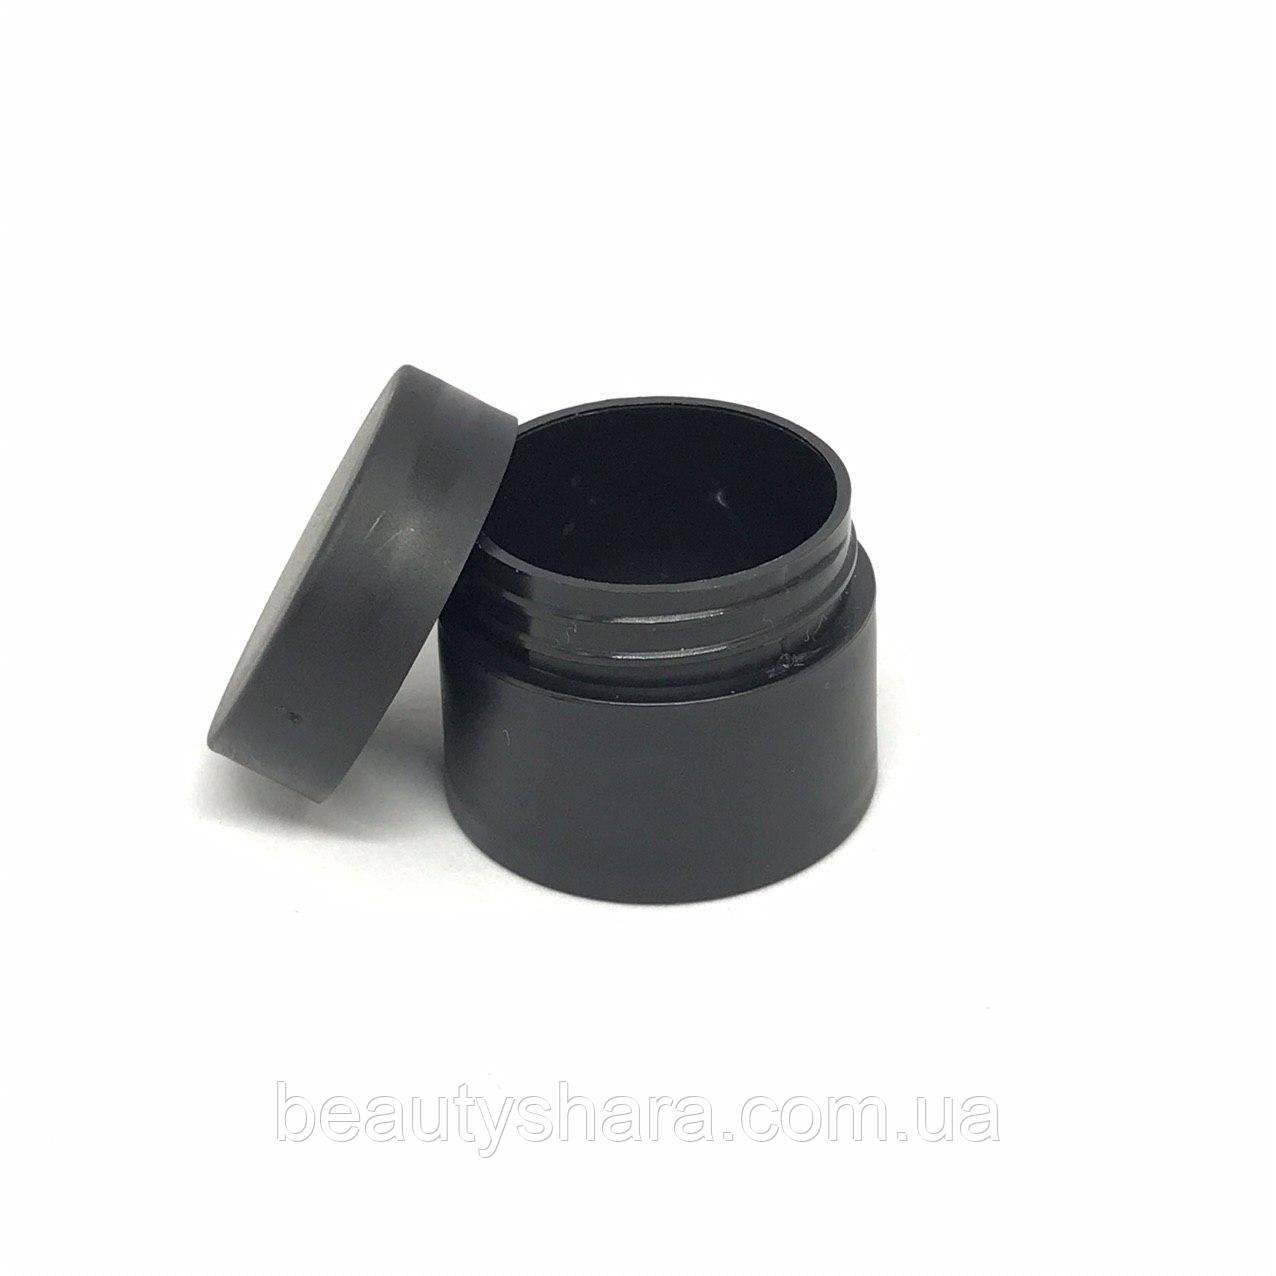 Баночка для косметики 5 мл Элиза (черная)